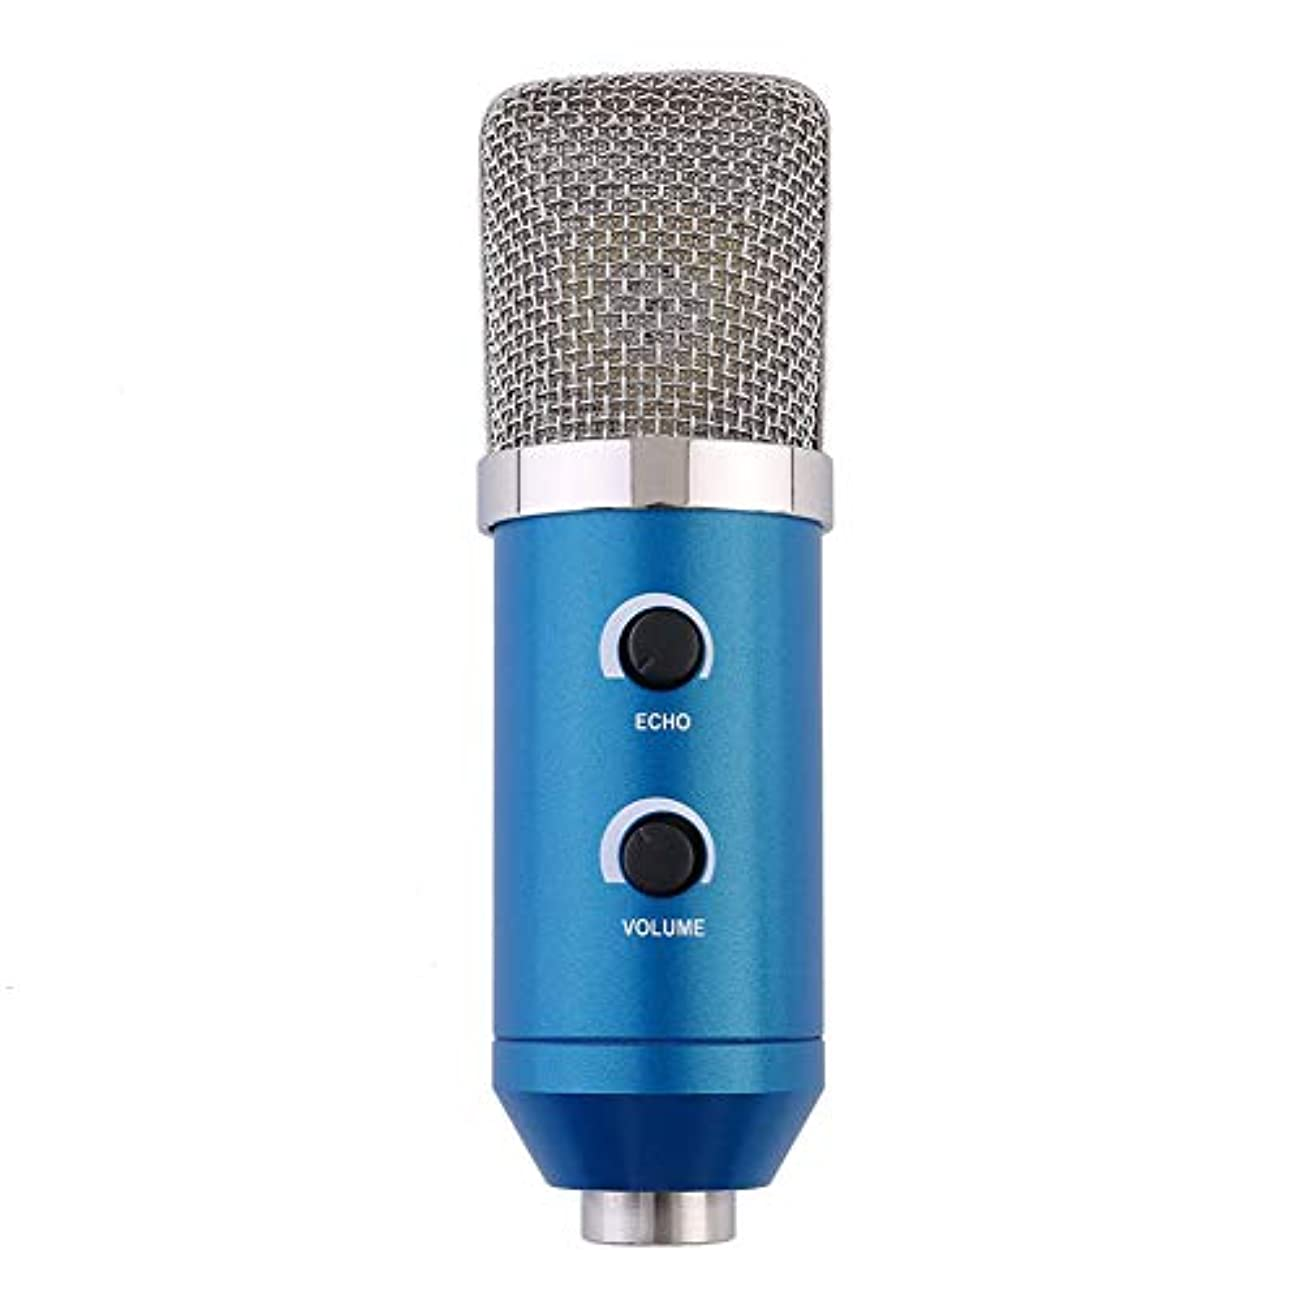 宣言する受け皿恥ずかしいCAheadY USBコンデンサーマイクプロフェッショナルライブストリーミングスタジオ放送マイク音楽ソング - ブルー